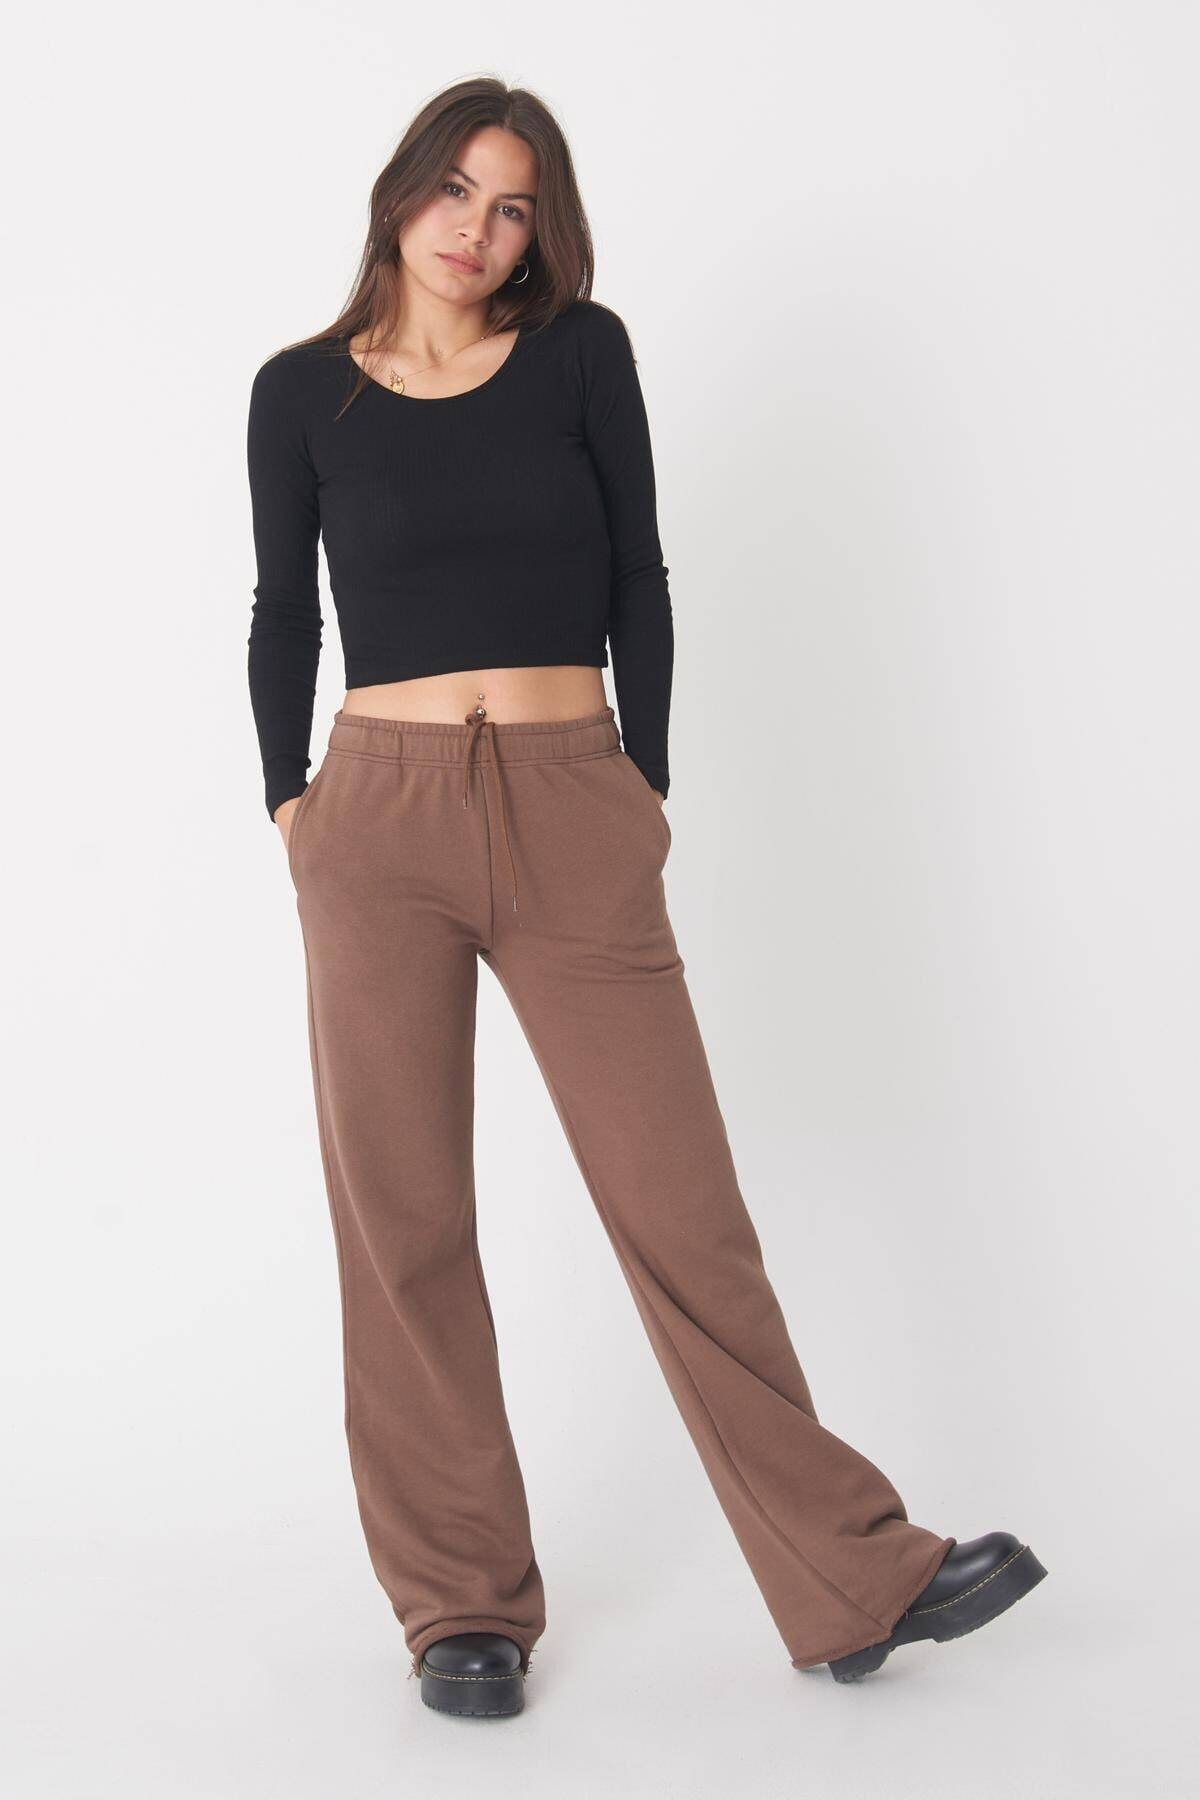 Addax Kadın Siyah Uzun Kollu Bluz B1069 - W12 Adx-0000023026 2